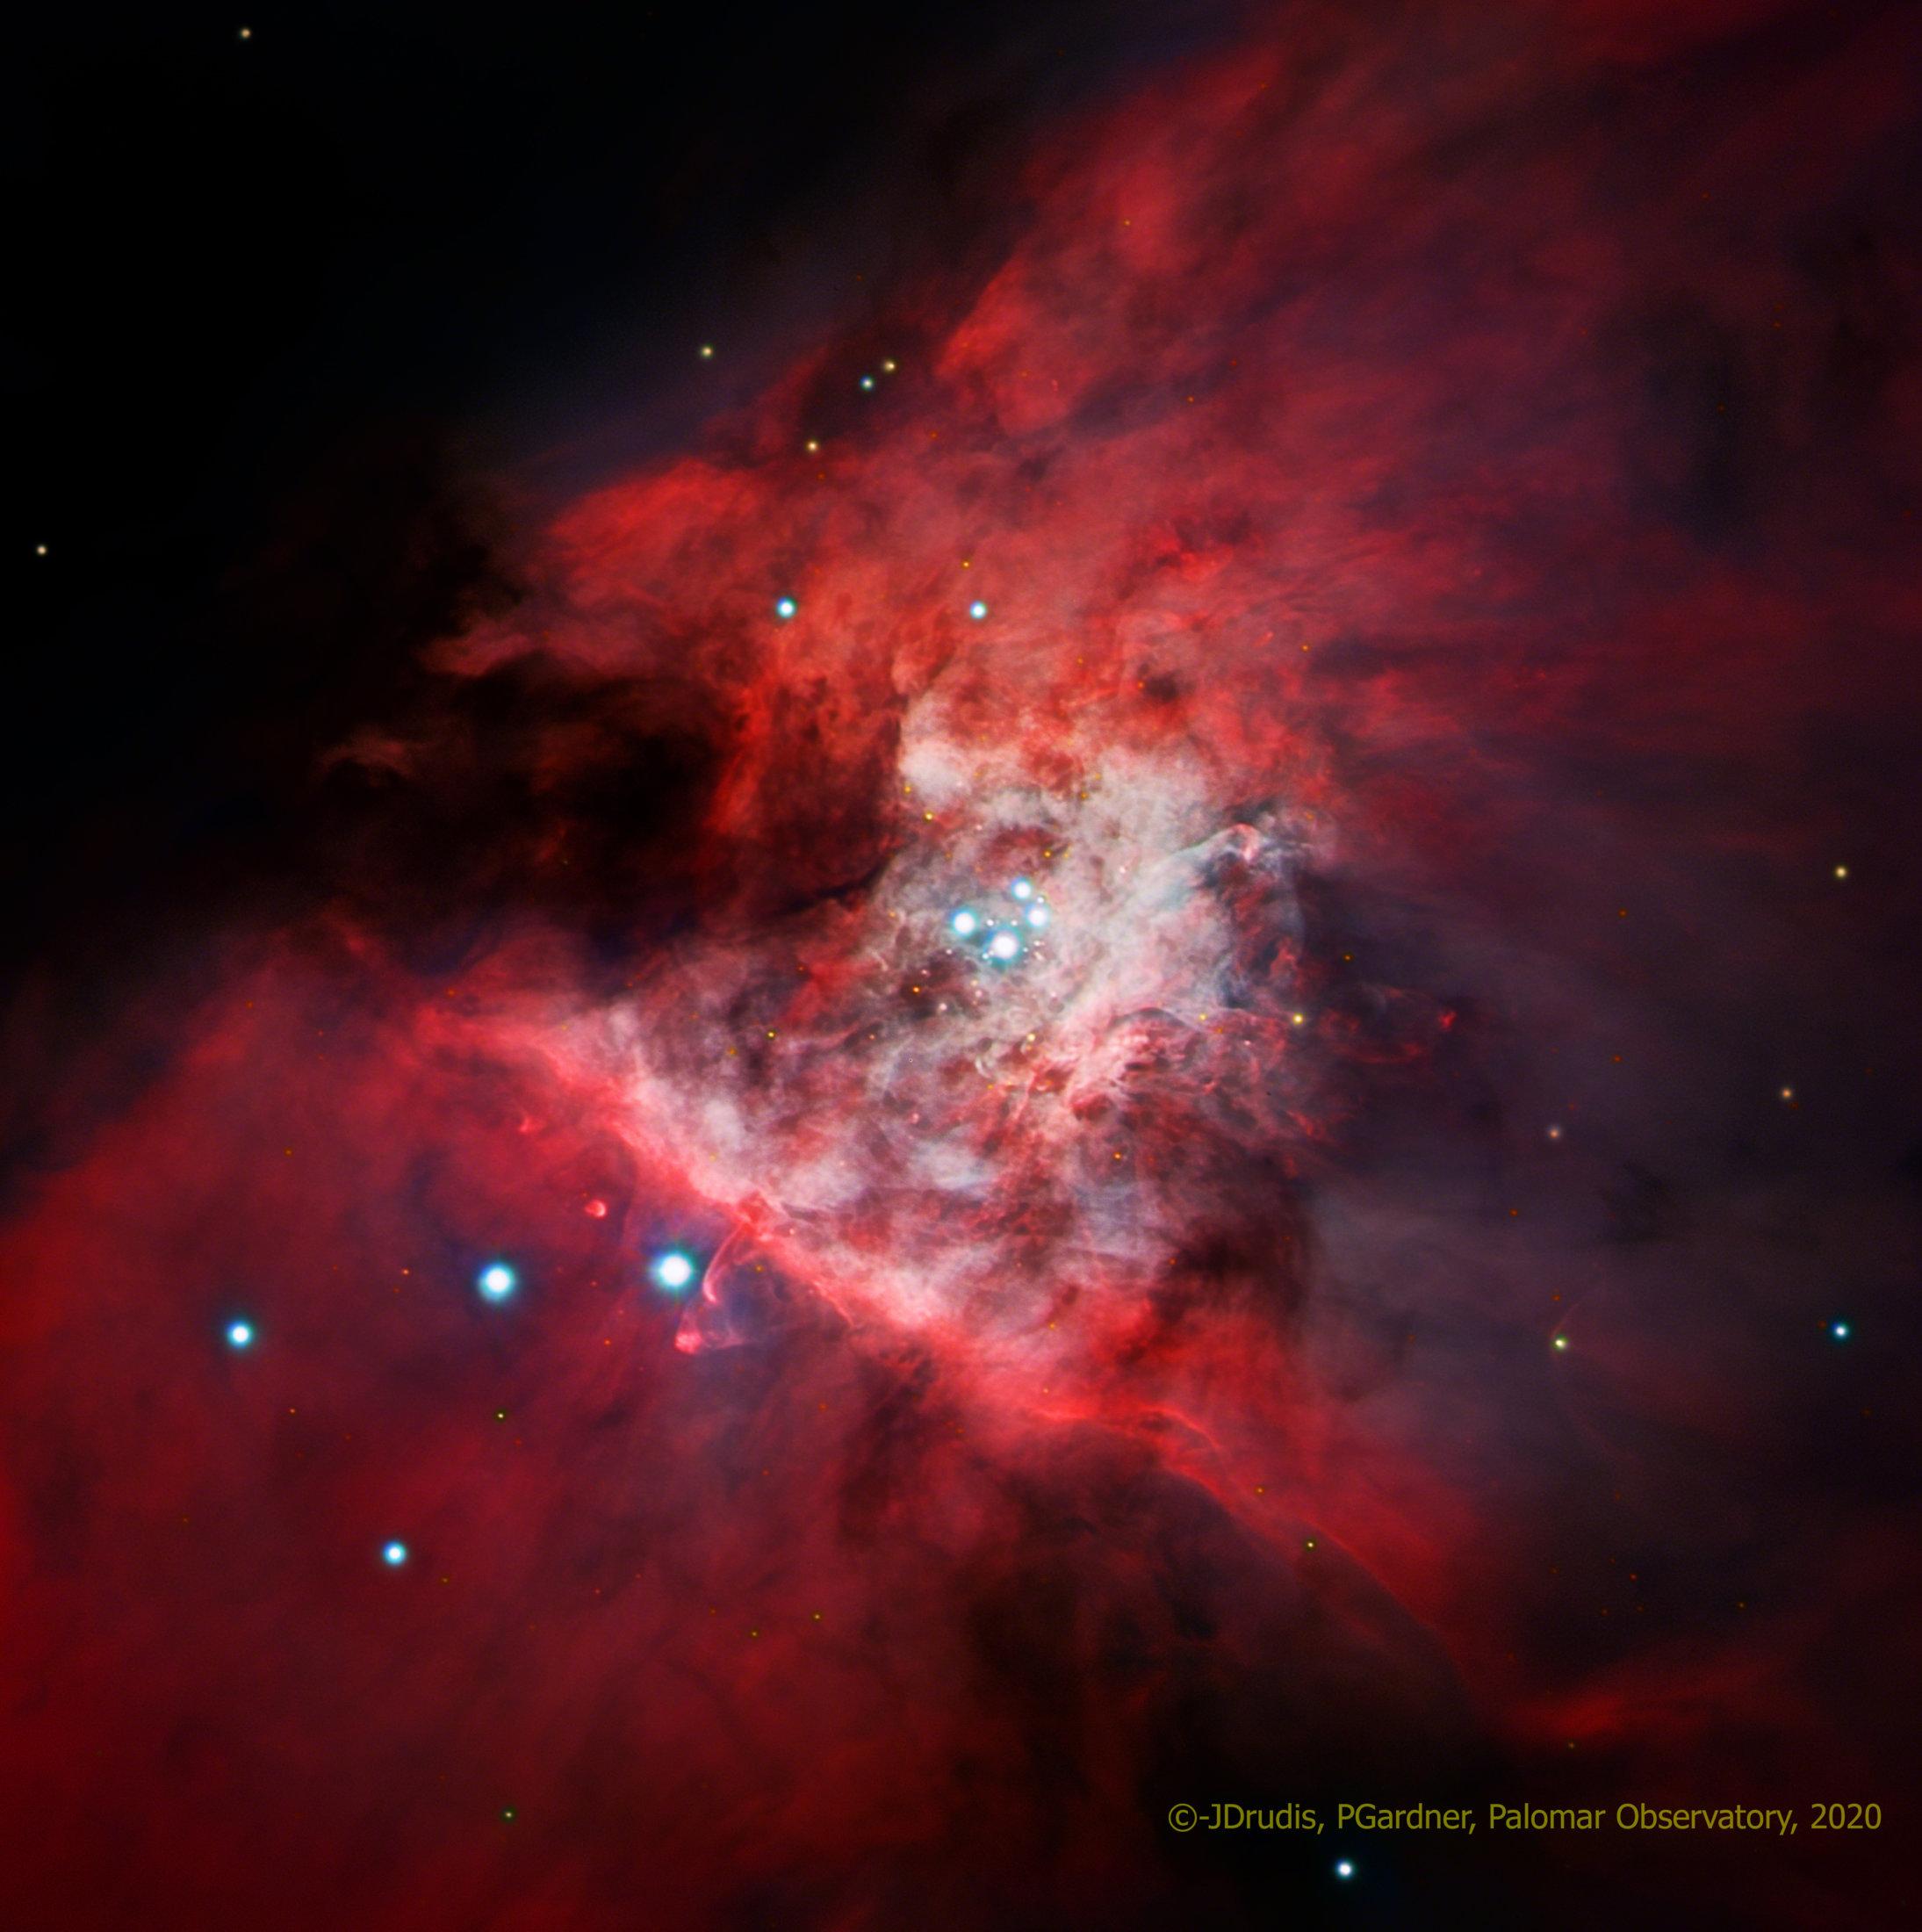 M42 - Josep Maria Drudis